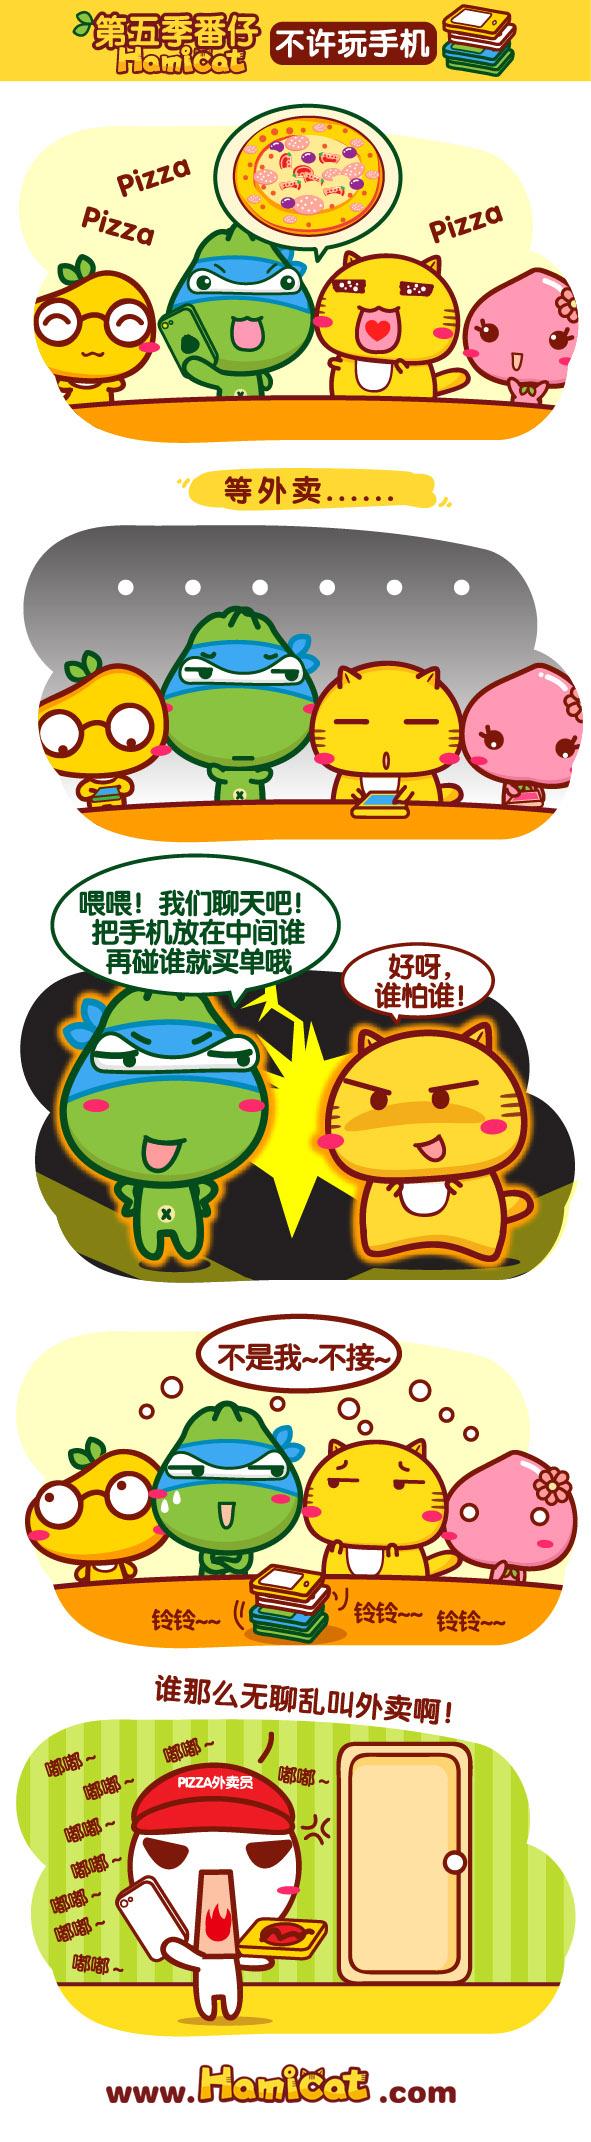 健力宝x哈咪猫漫画4月-03.jpg